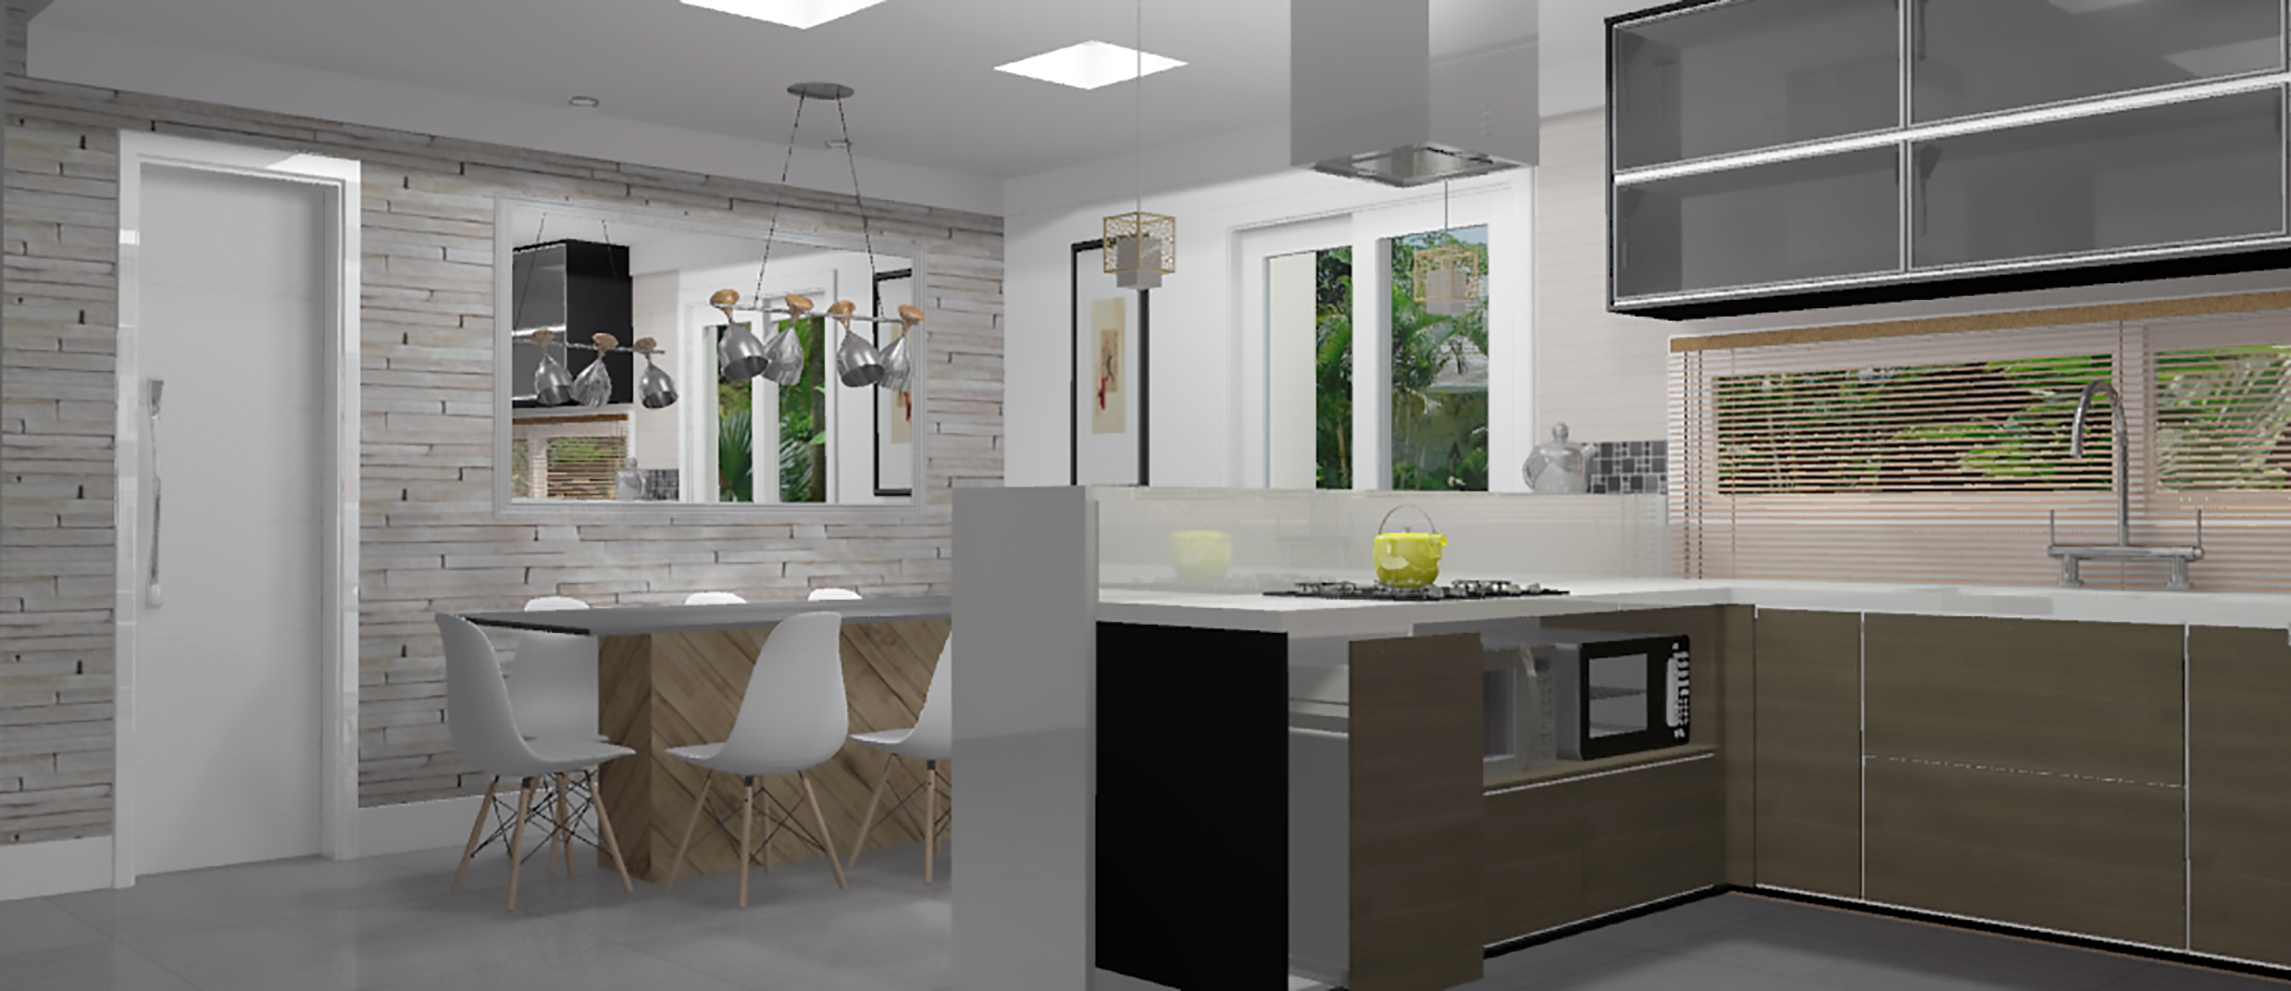 projetos de cozinhas planejadas cozinha em u modelo cozinha cozinha #4B603D 2291 991